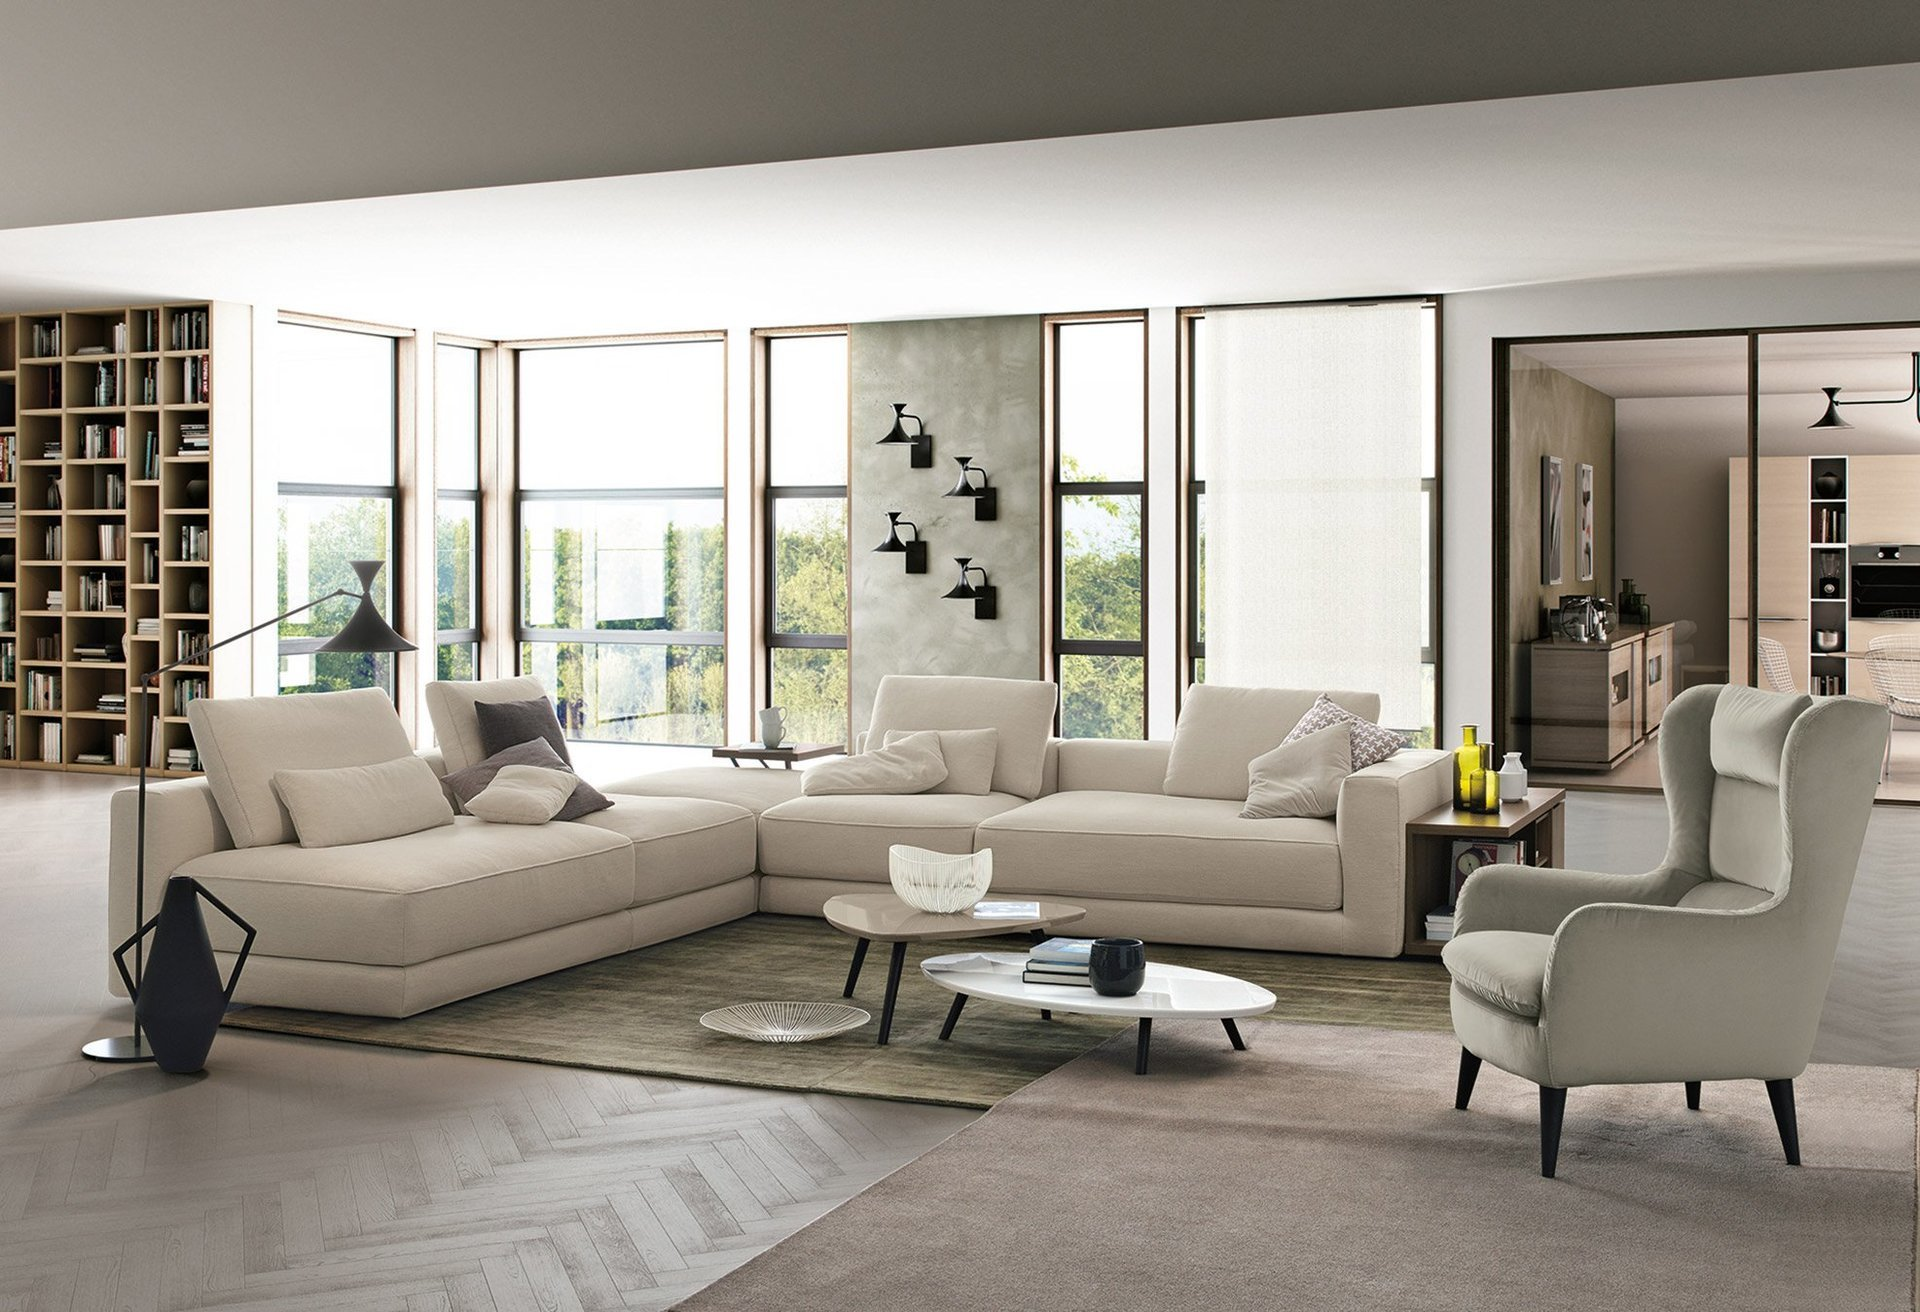 soggiorno con divano angolare